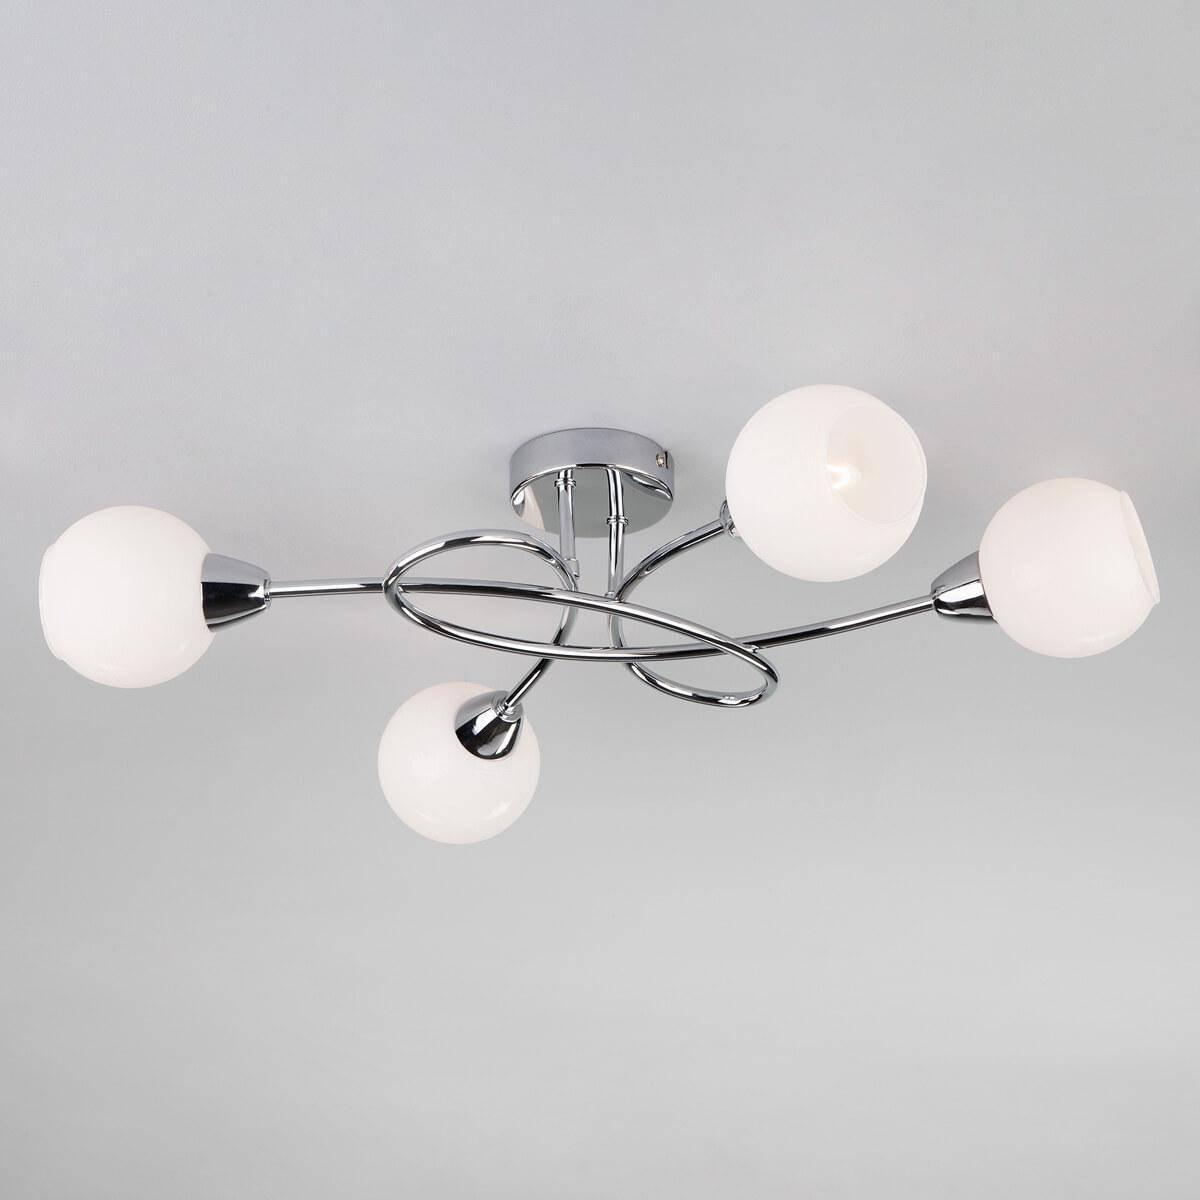 Потолочный светильник Eurosvet 30133/4 хром